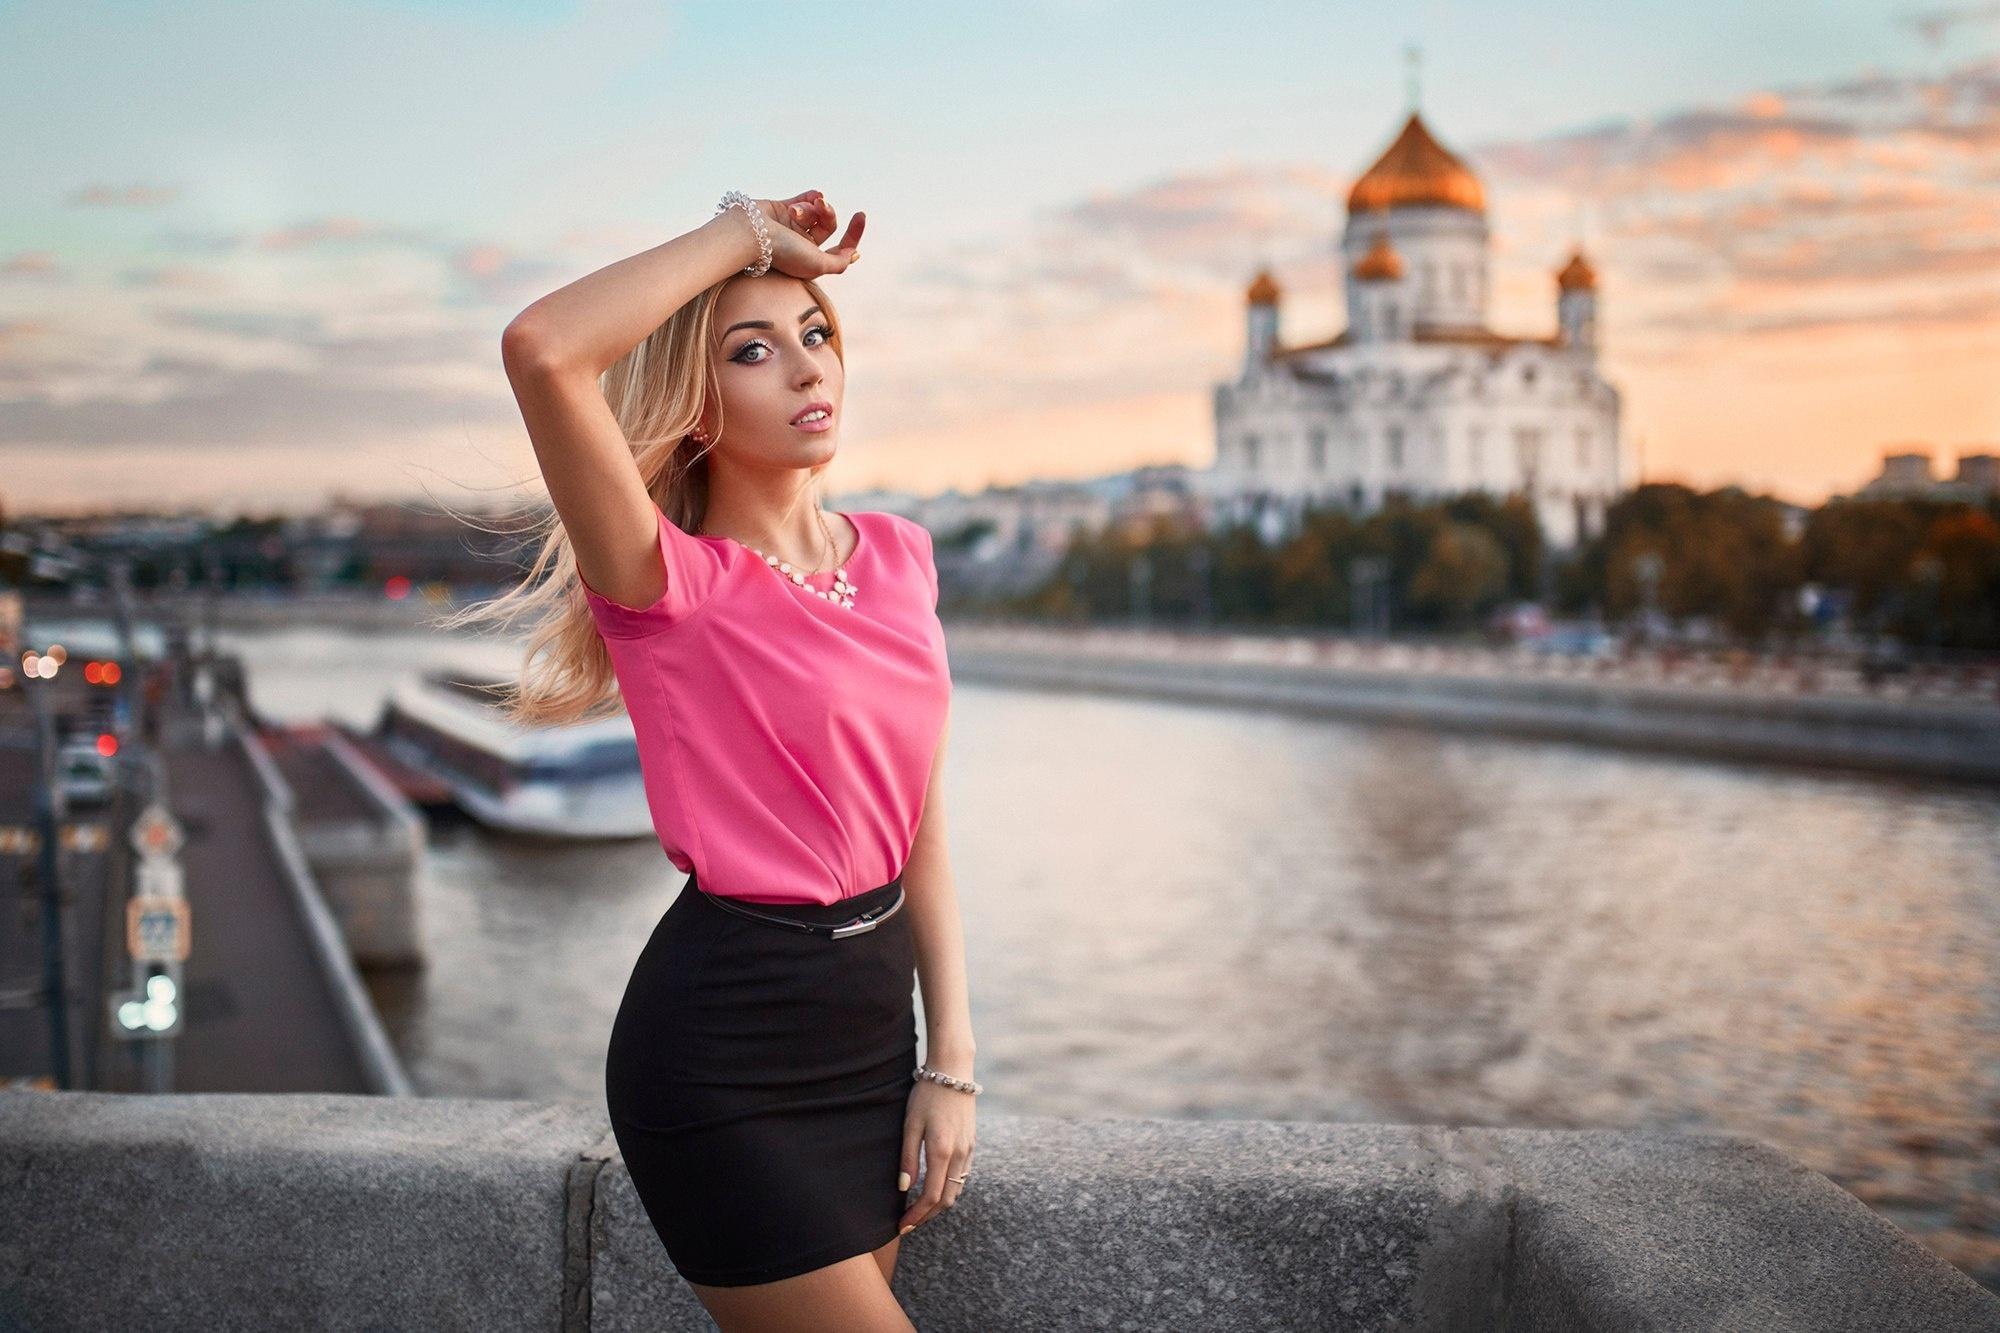 описании сказано, красивые фотографии фотосессии в москве отец